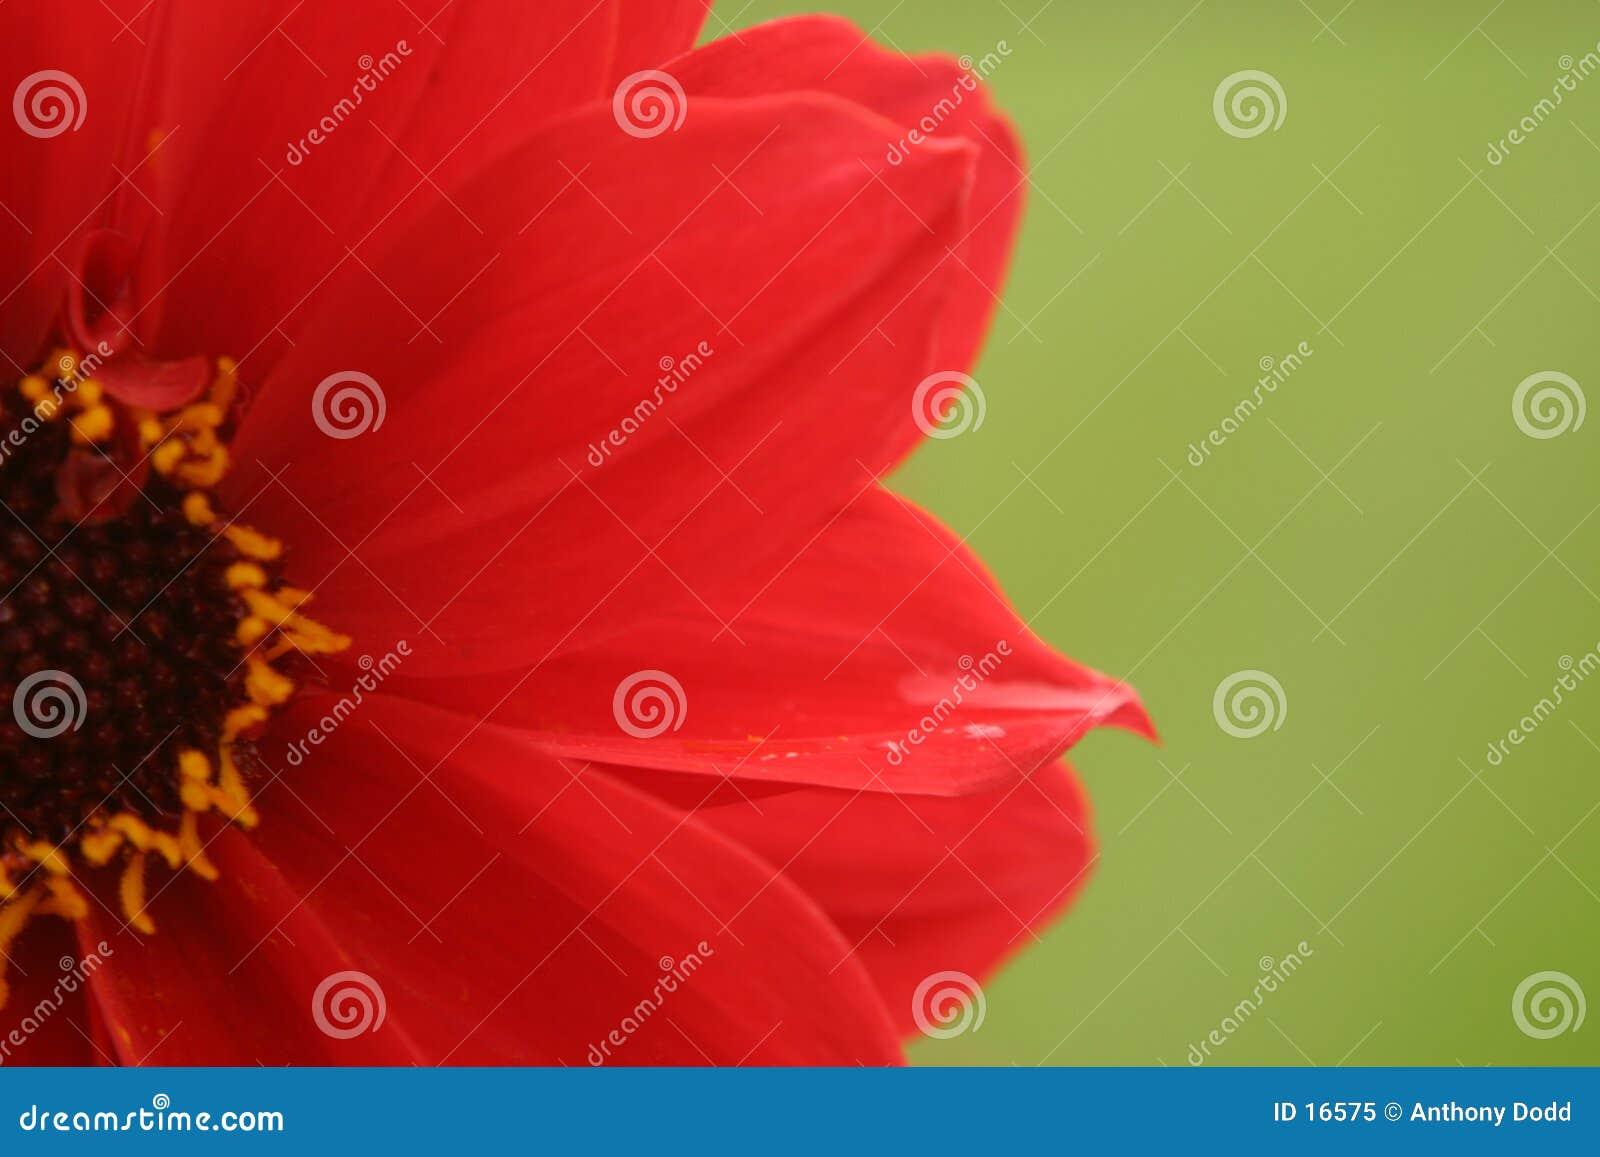 Flor vermelha, fundo verde